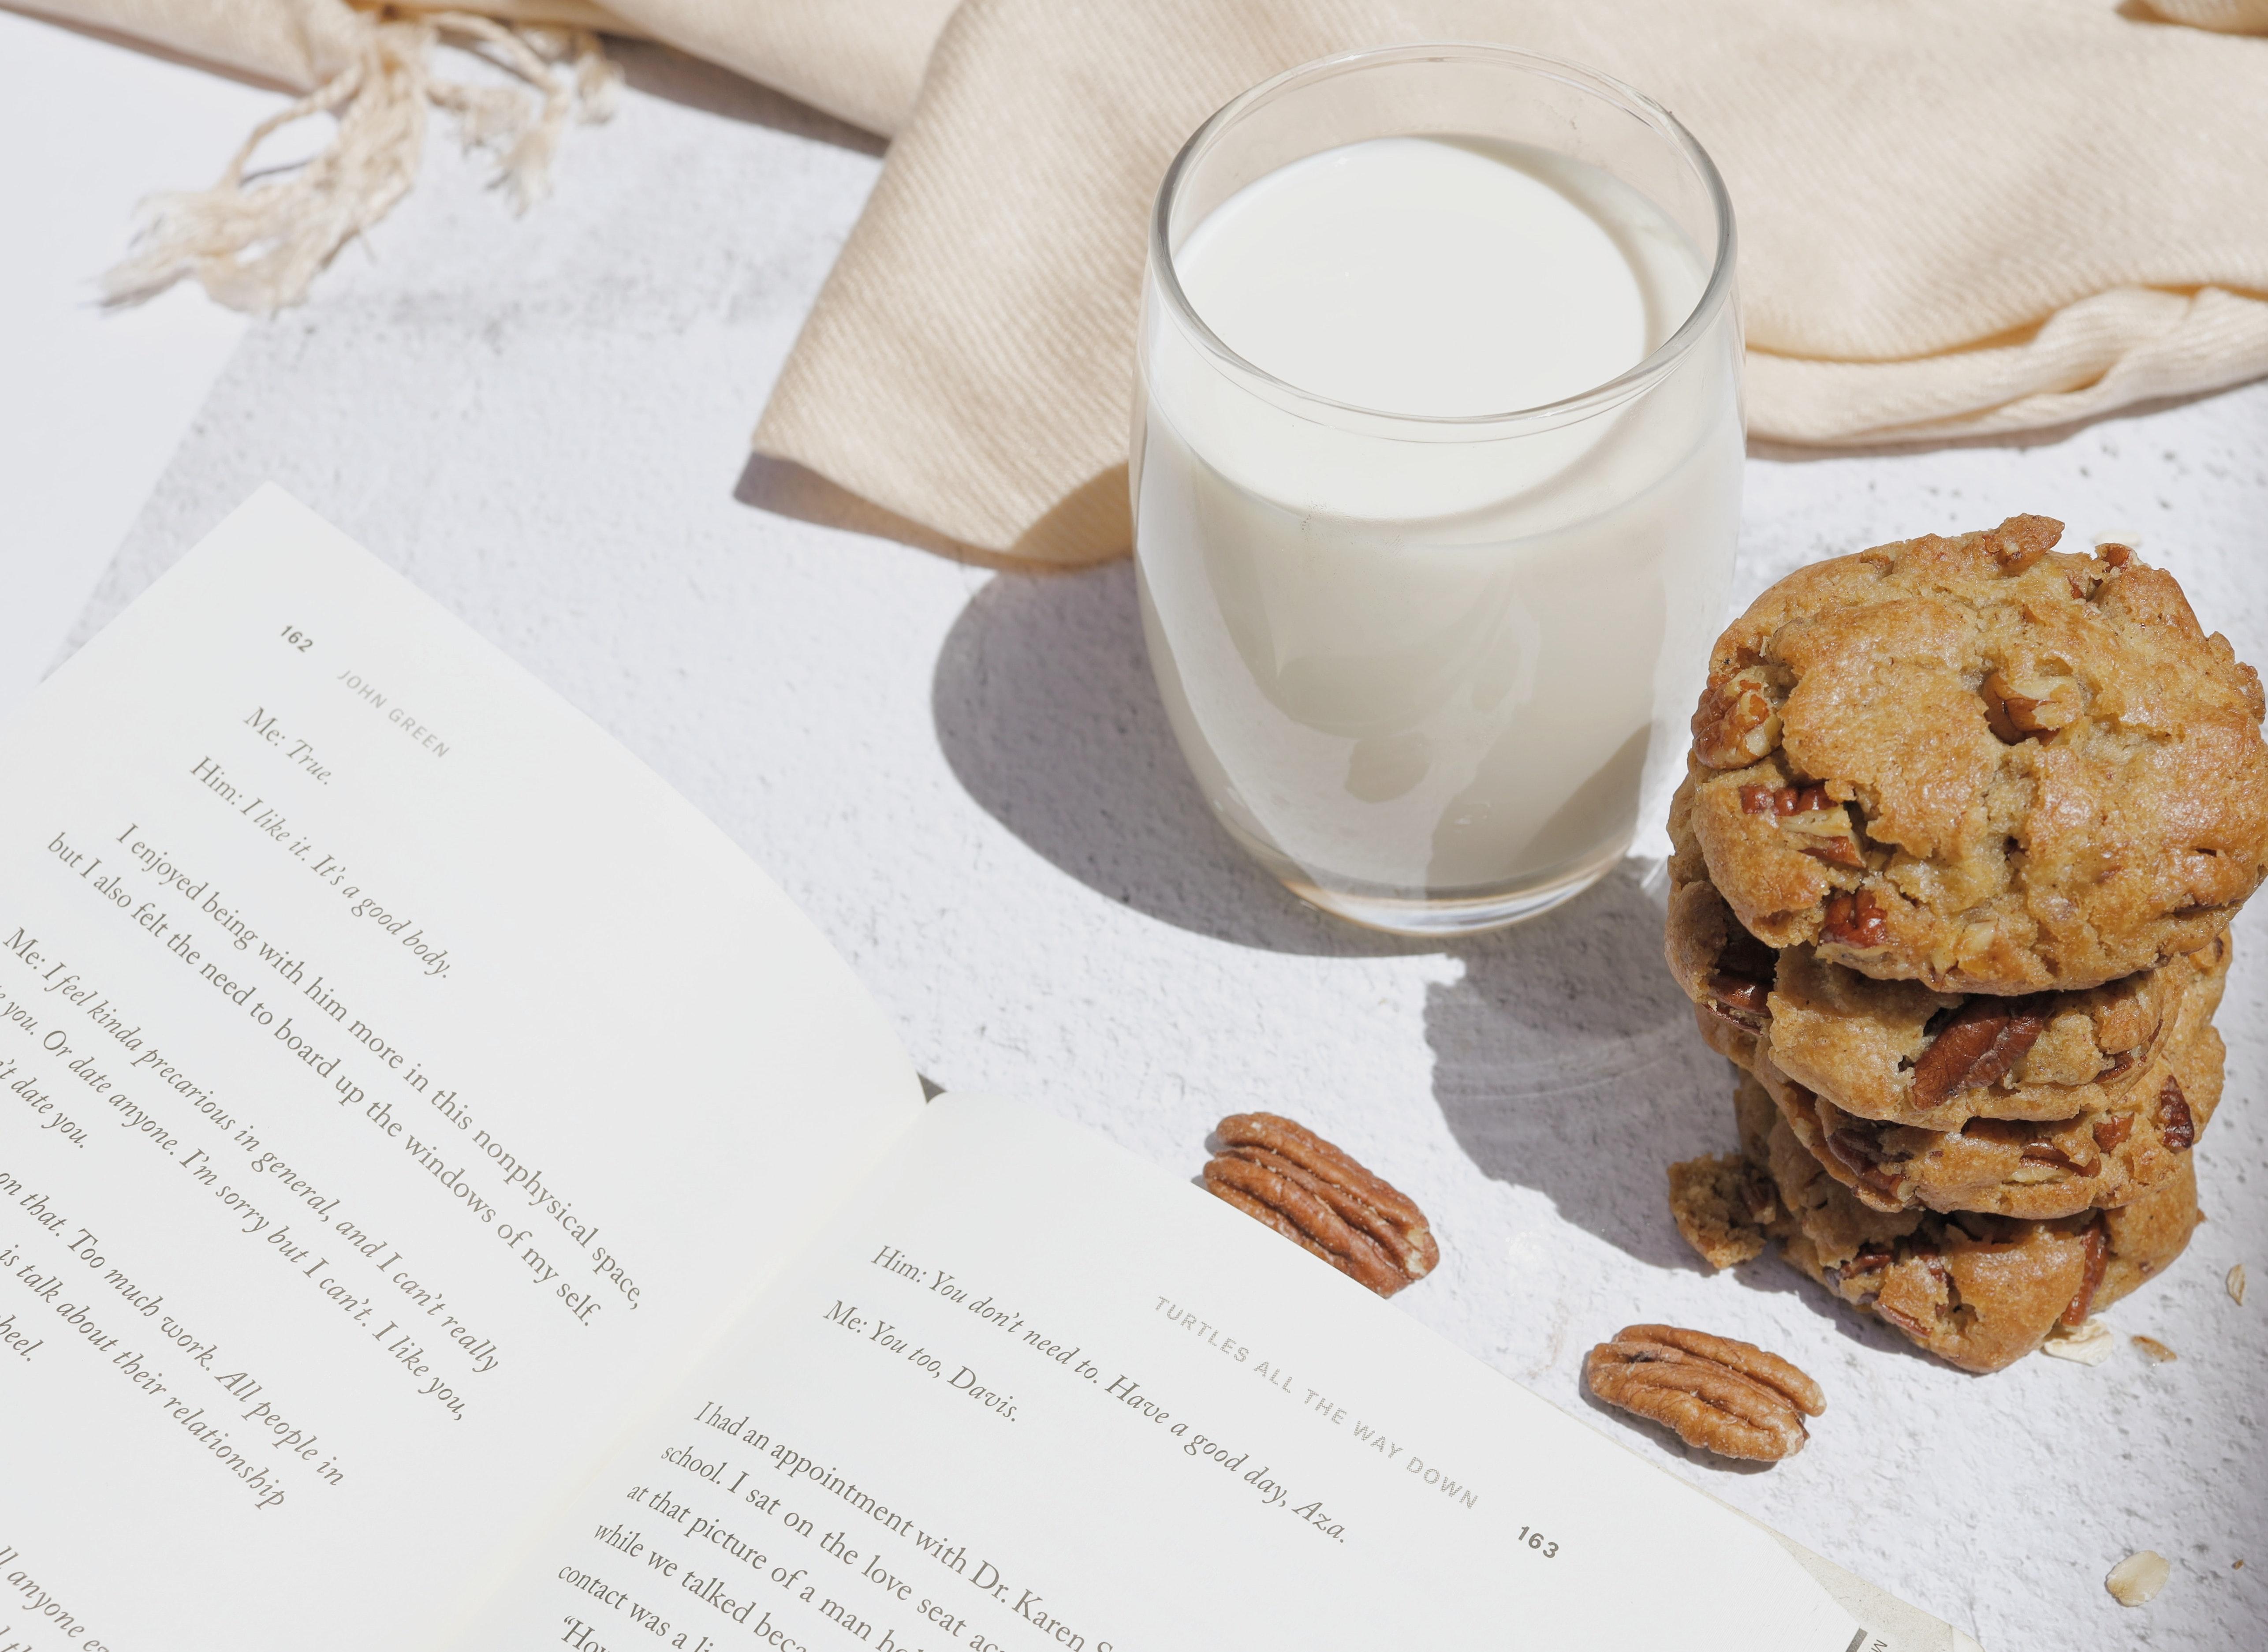 Në mëngjes apo mbrëmje, ja kurë duhet të pini qumësht sipas studiuesve